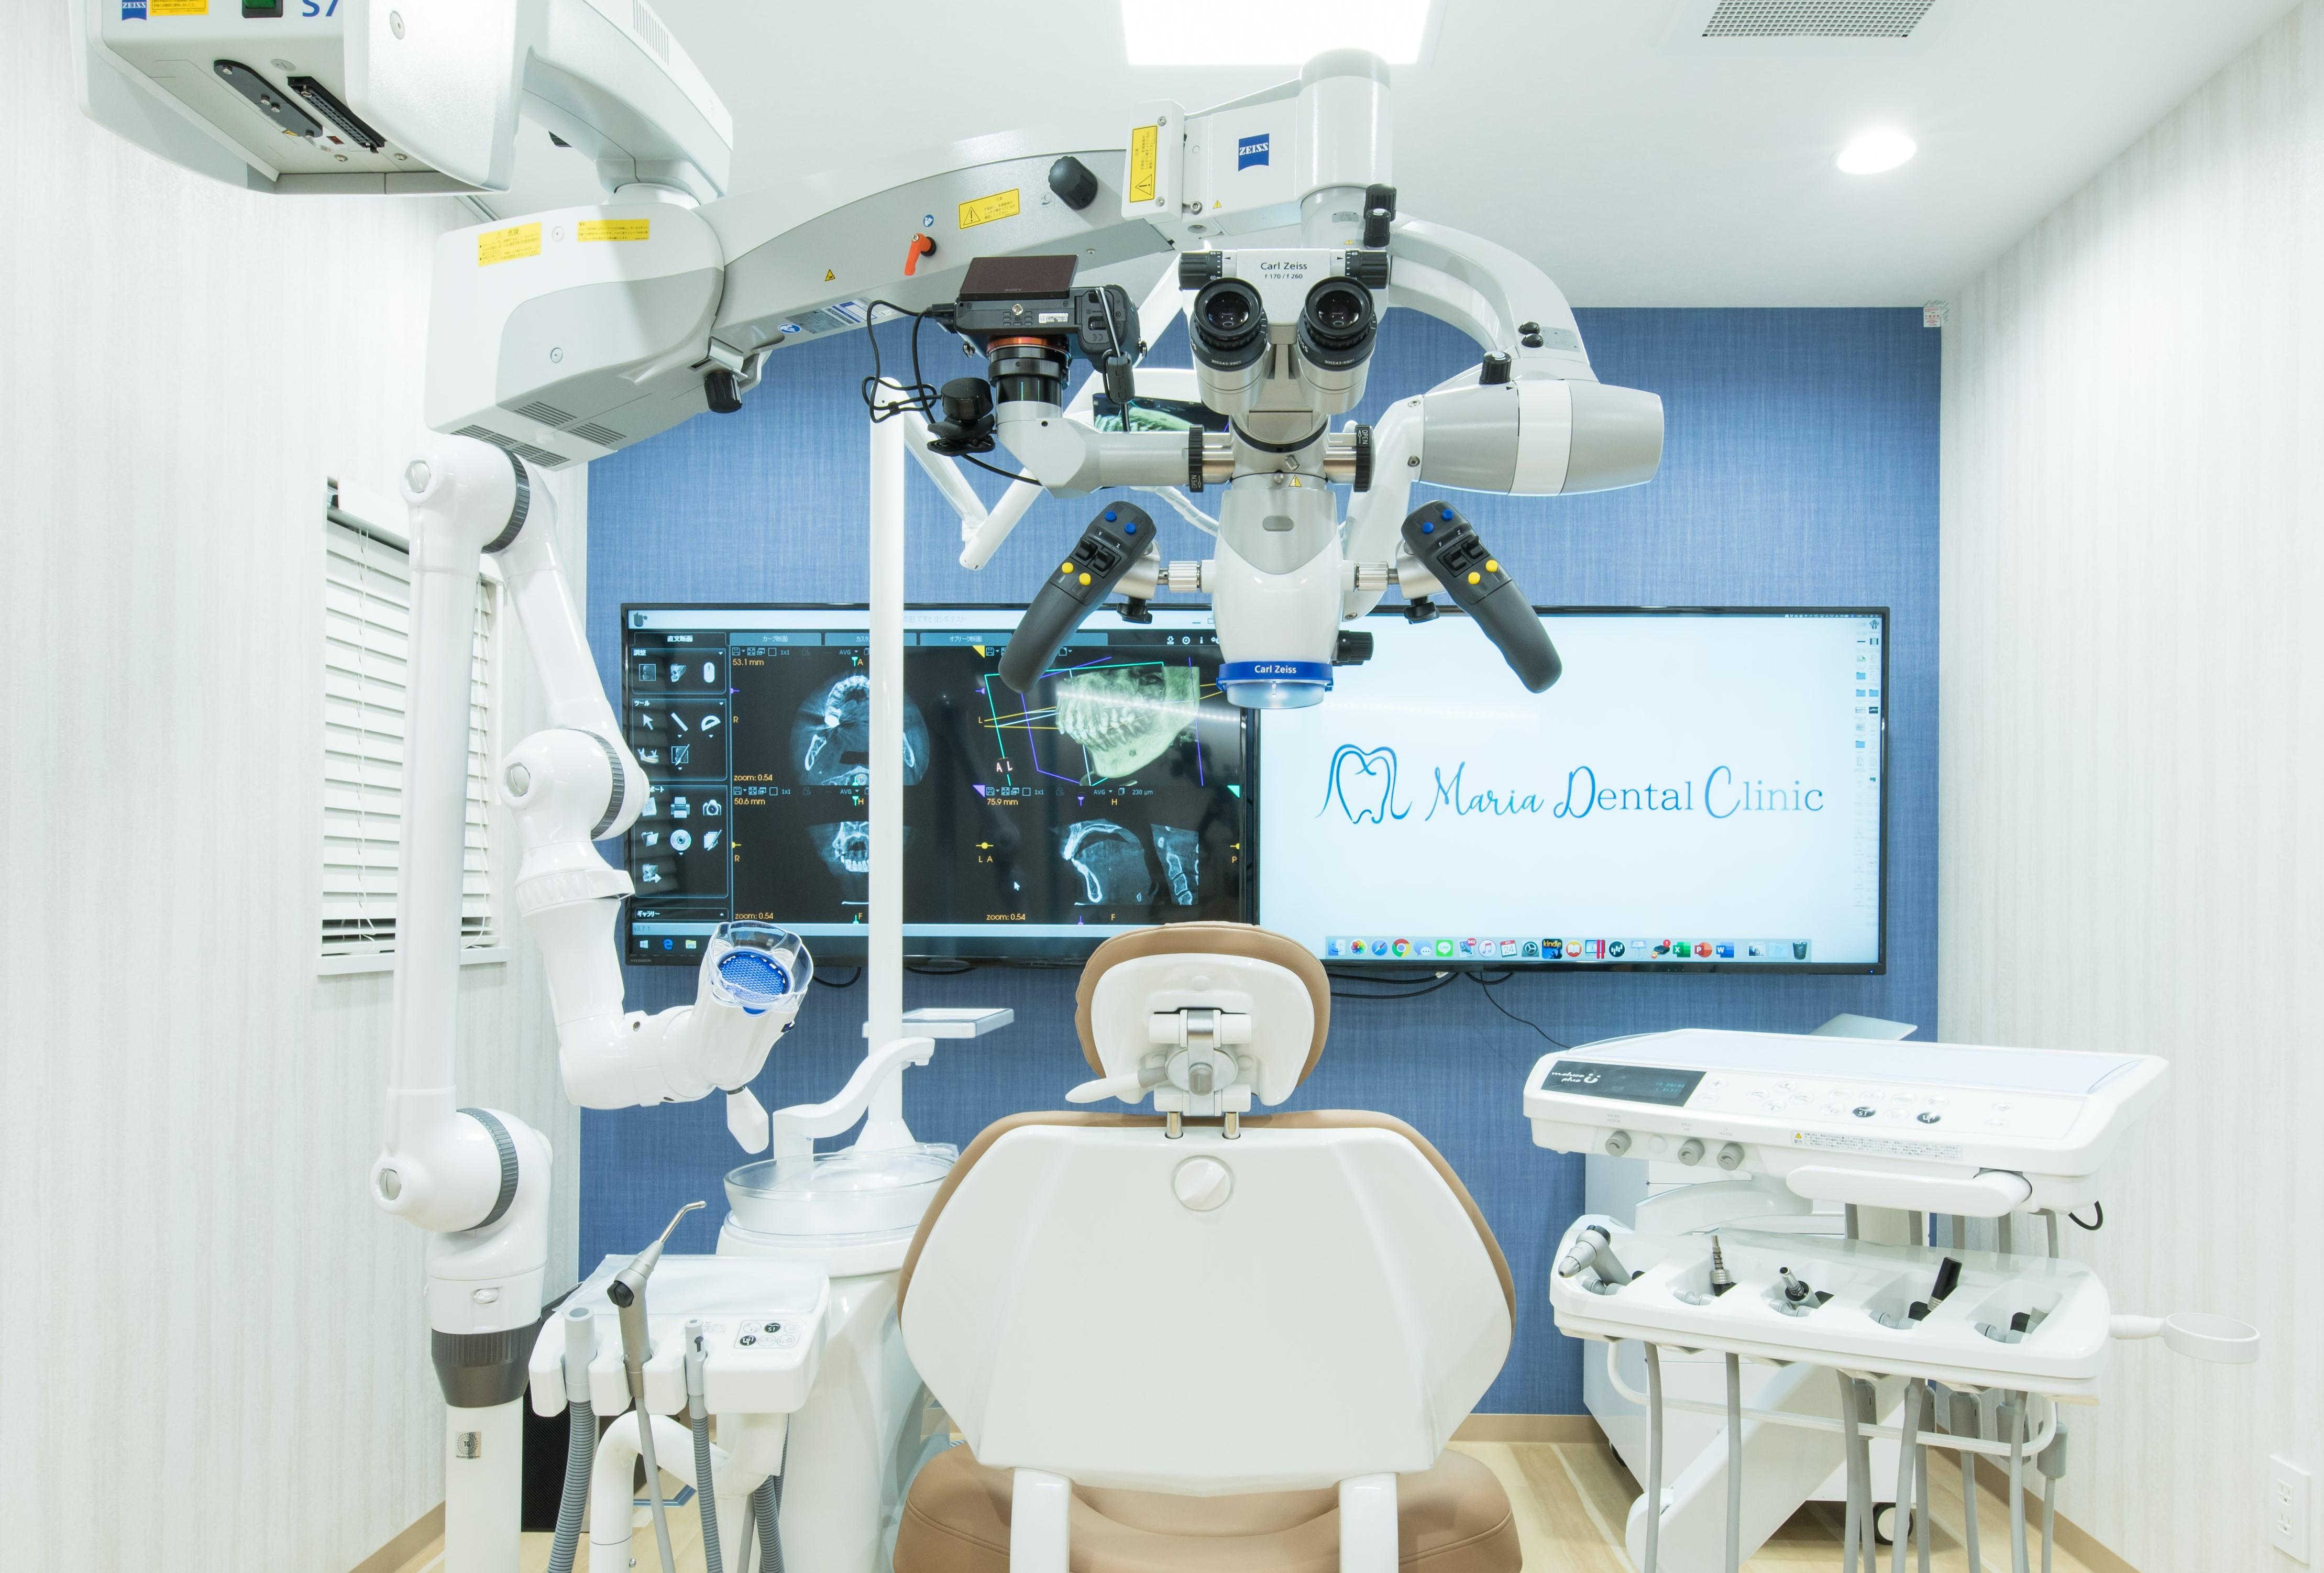 目白マリア歯科の特別診療室、マイクロスコープ、口腔外バキューム、CT画像が映っている写真